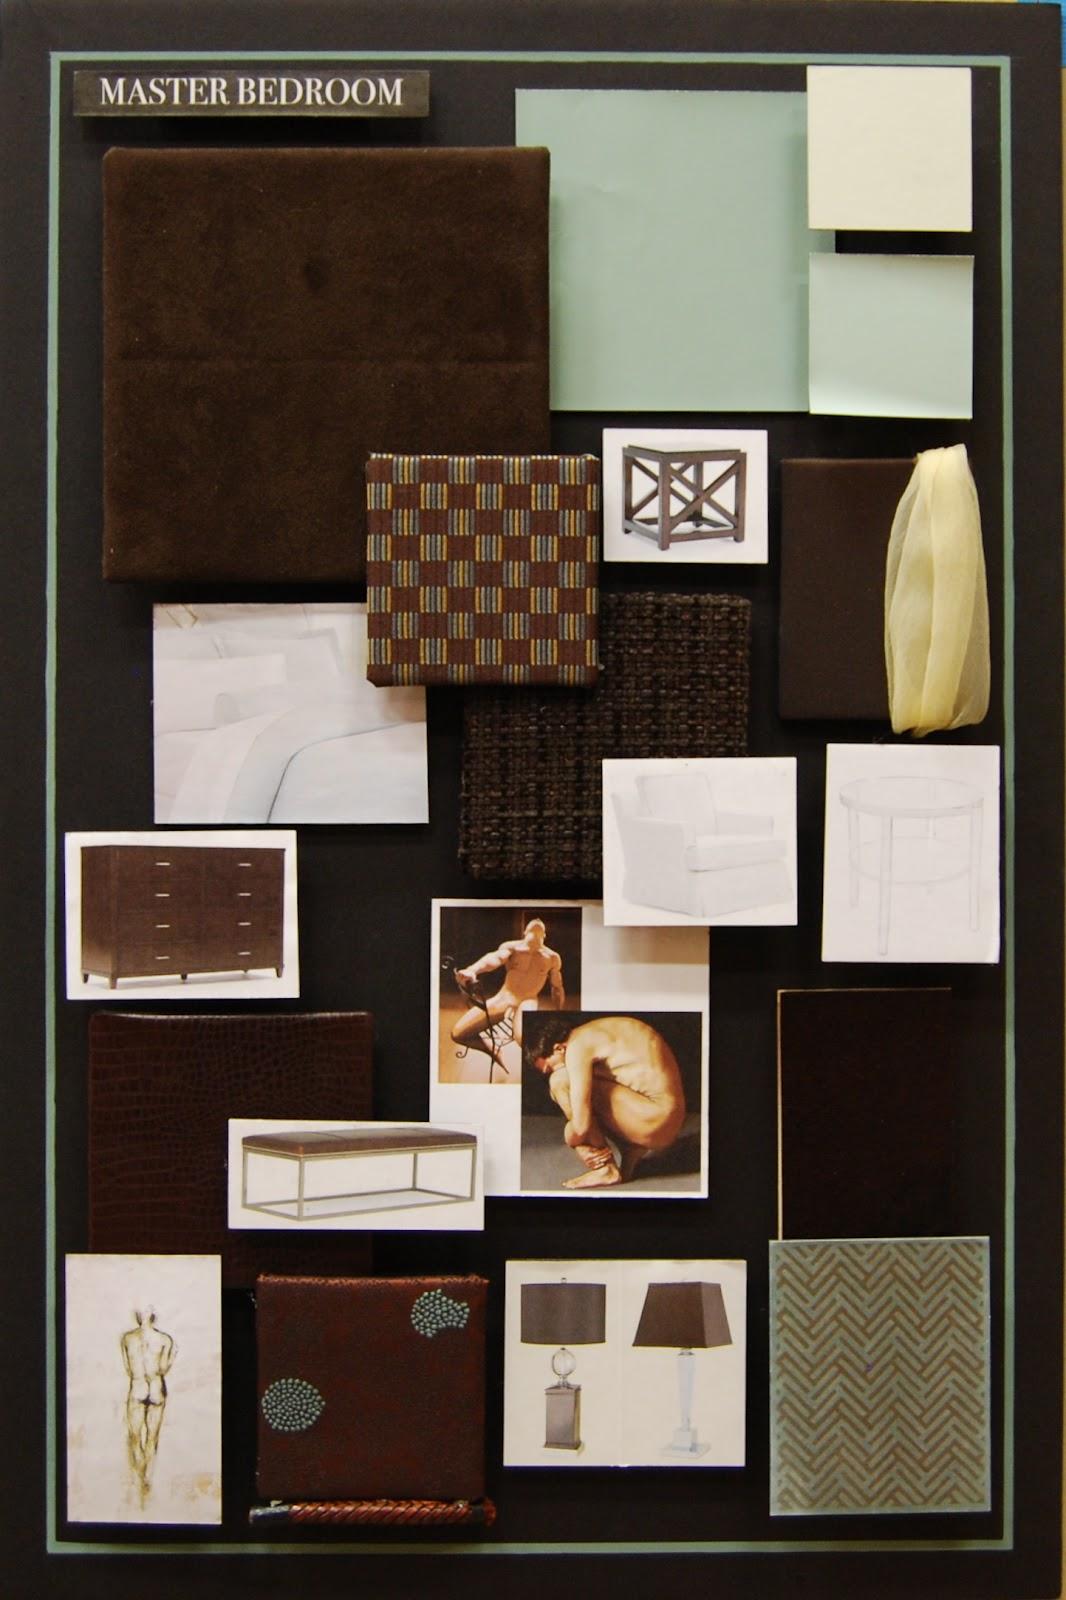 Pcm Interior Design Furniture Fixtures And Equipment